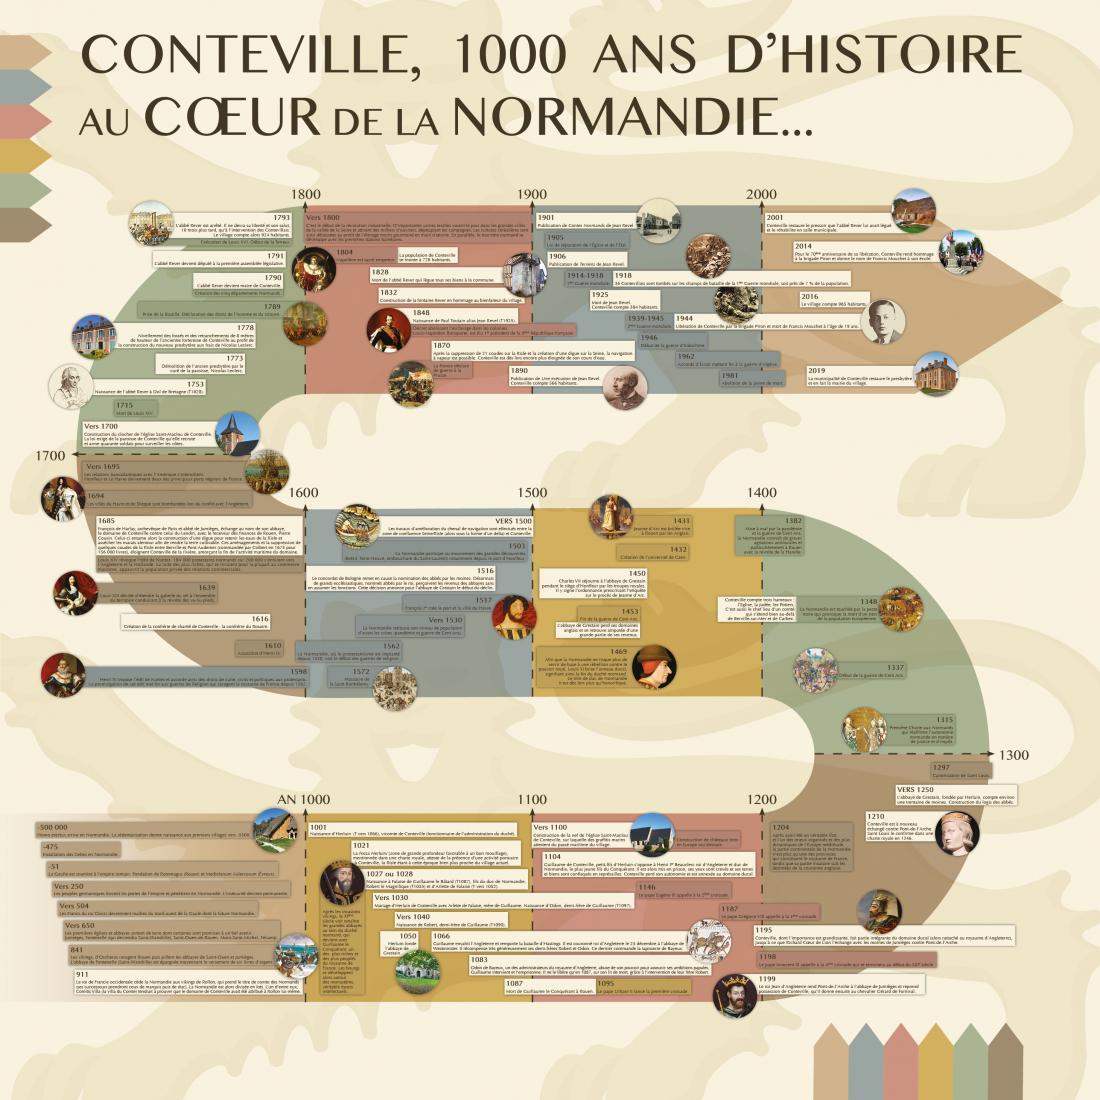 Conteville, 1000 ans d'histoire au cœur de la Normandie